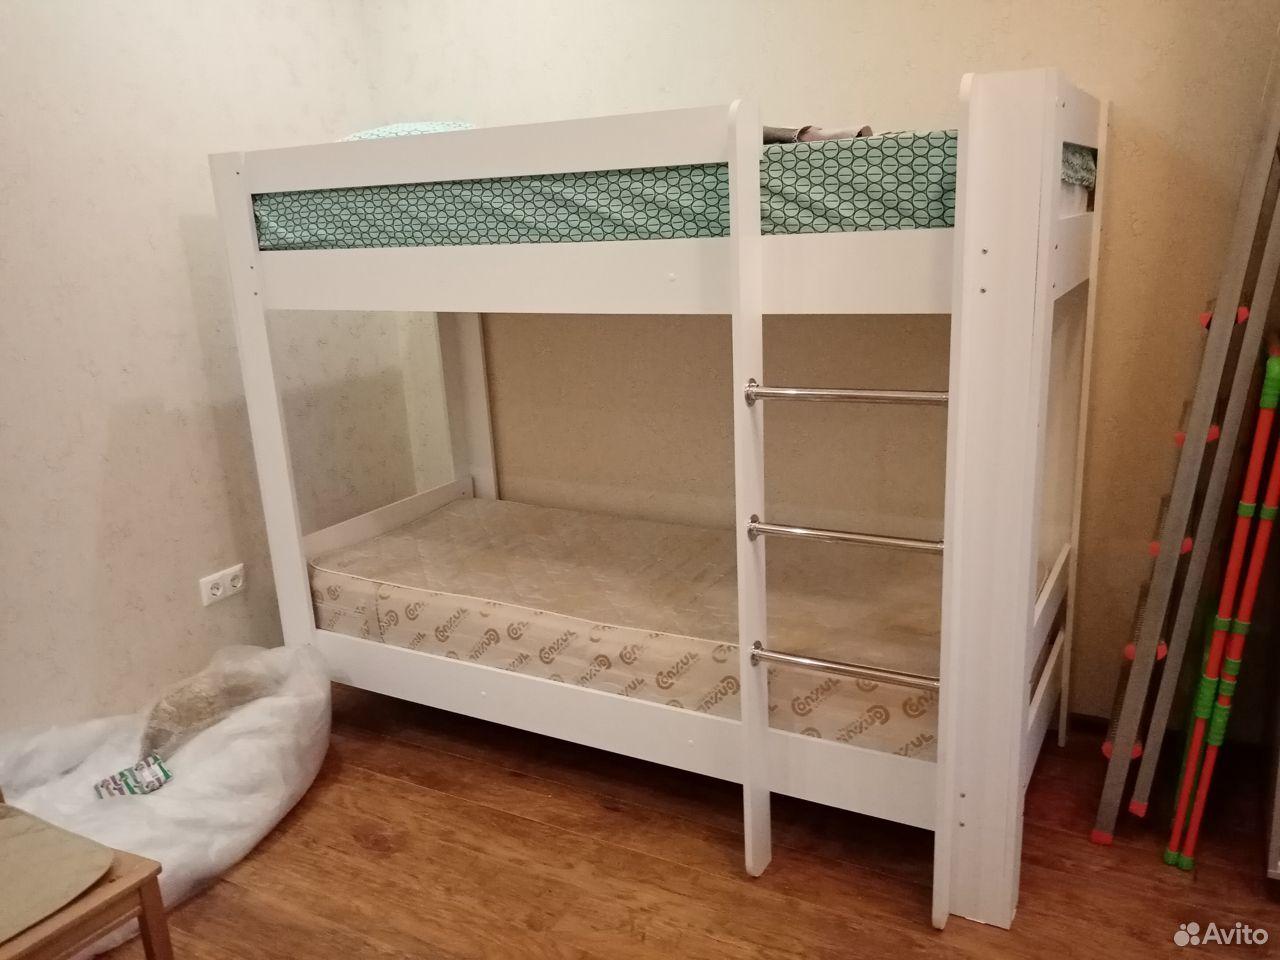 Кровать двухьярусная  89124585851 купить 3